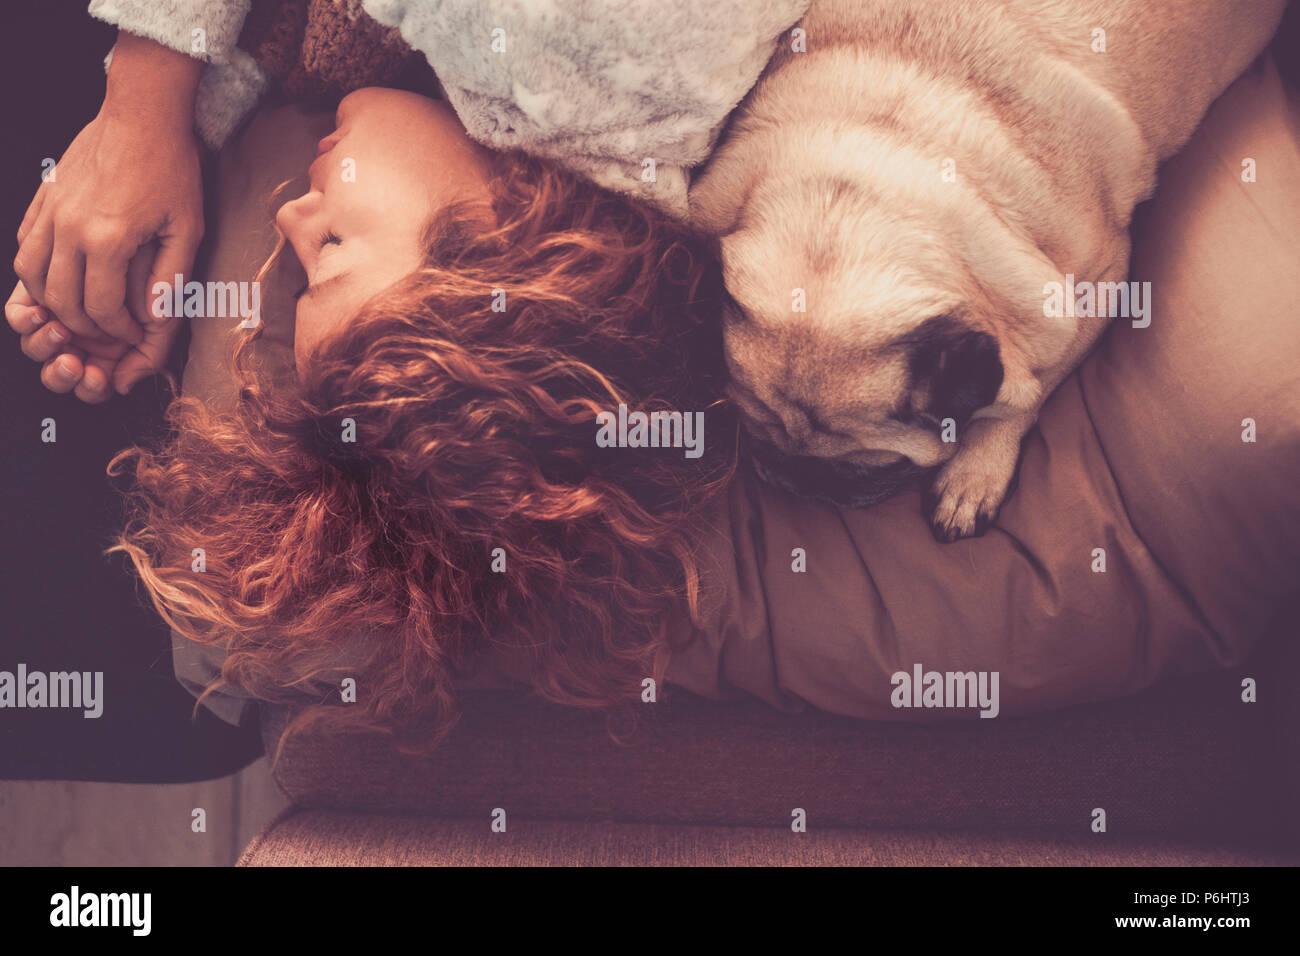 L'amicizia e il concetto di relazione con la giovane donna bella e bella pug cane dormire insieme sul letto la mattina. più vicino con amore e swee Immagini Stock